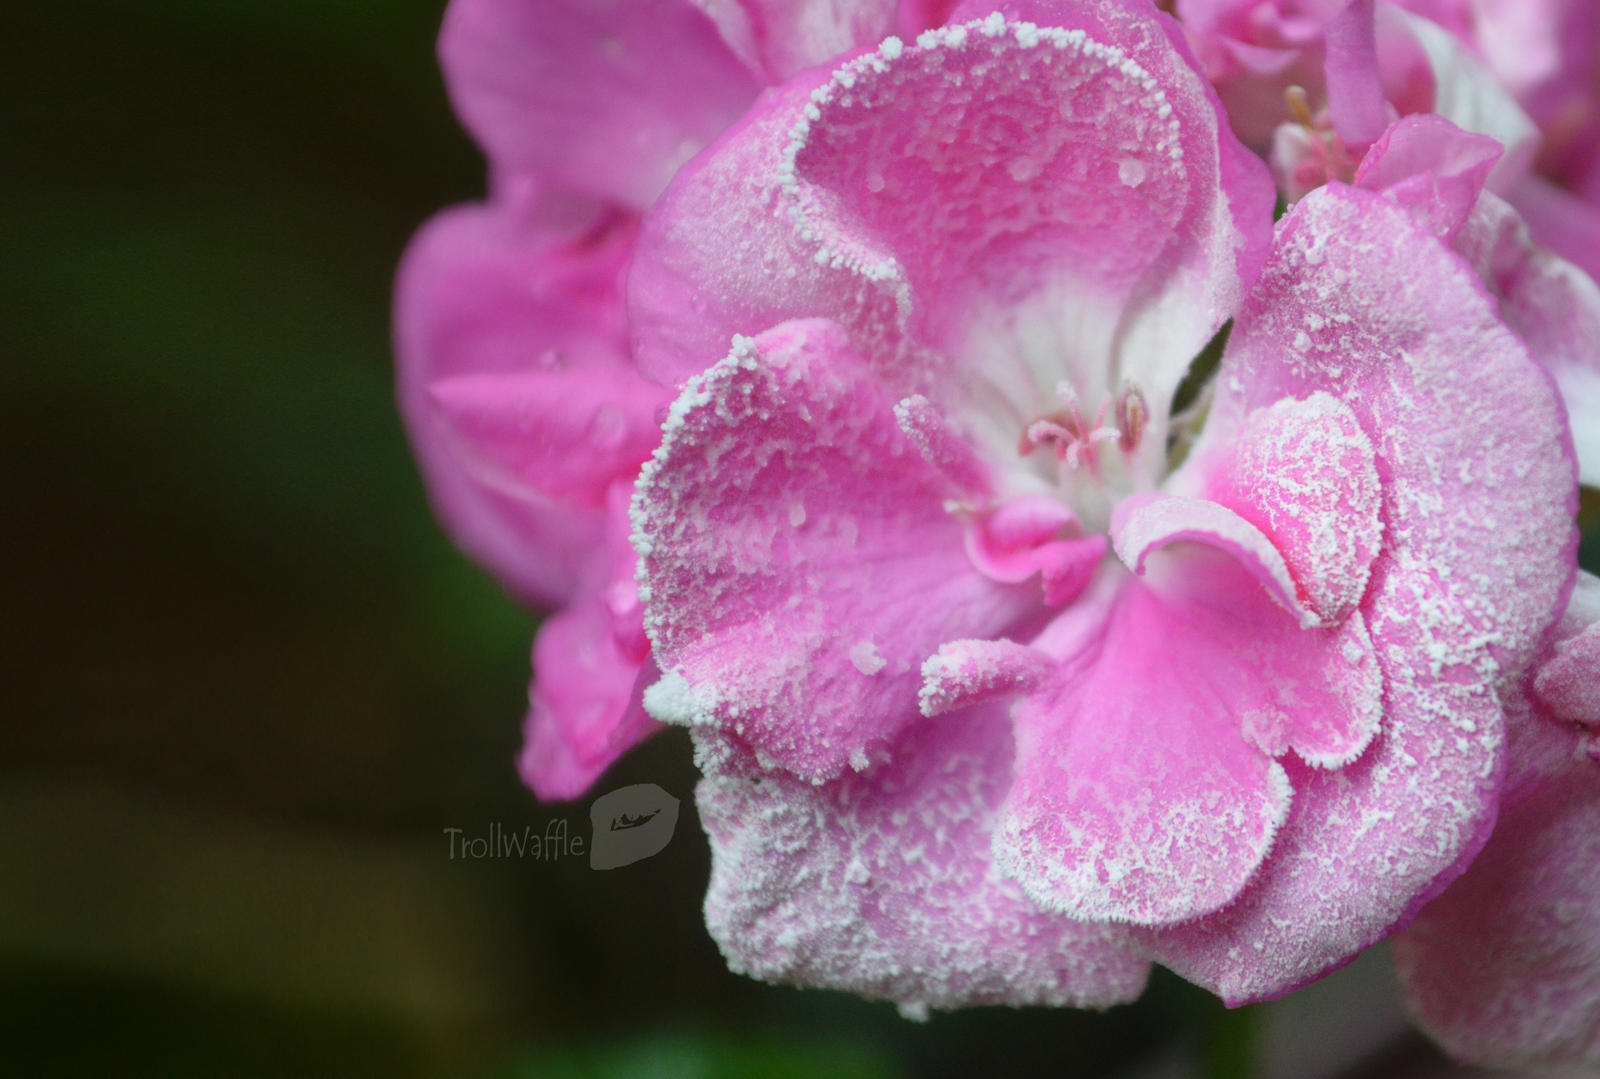 Frozen flower in summer by trollwaffle on DeviantArt